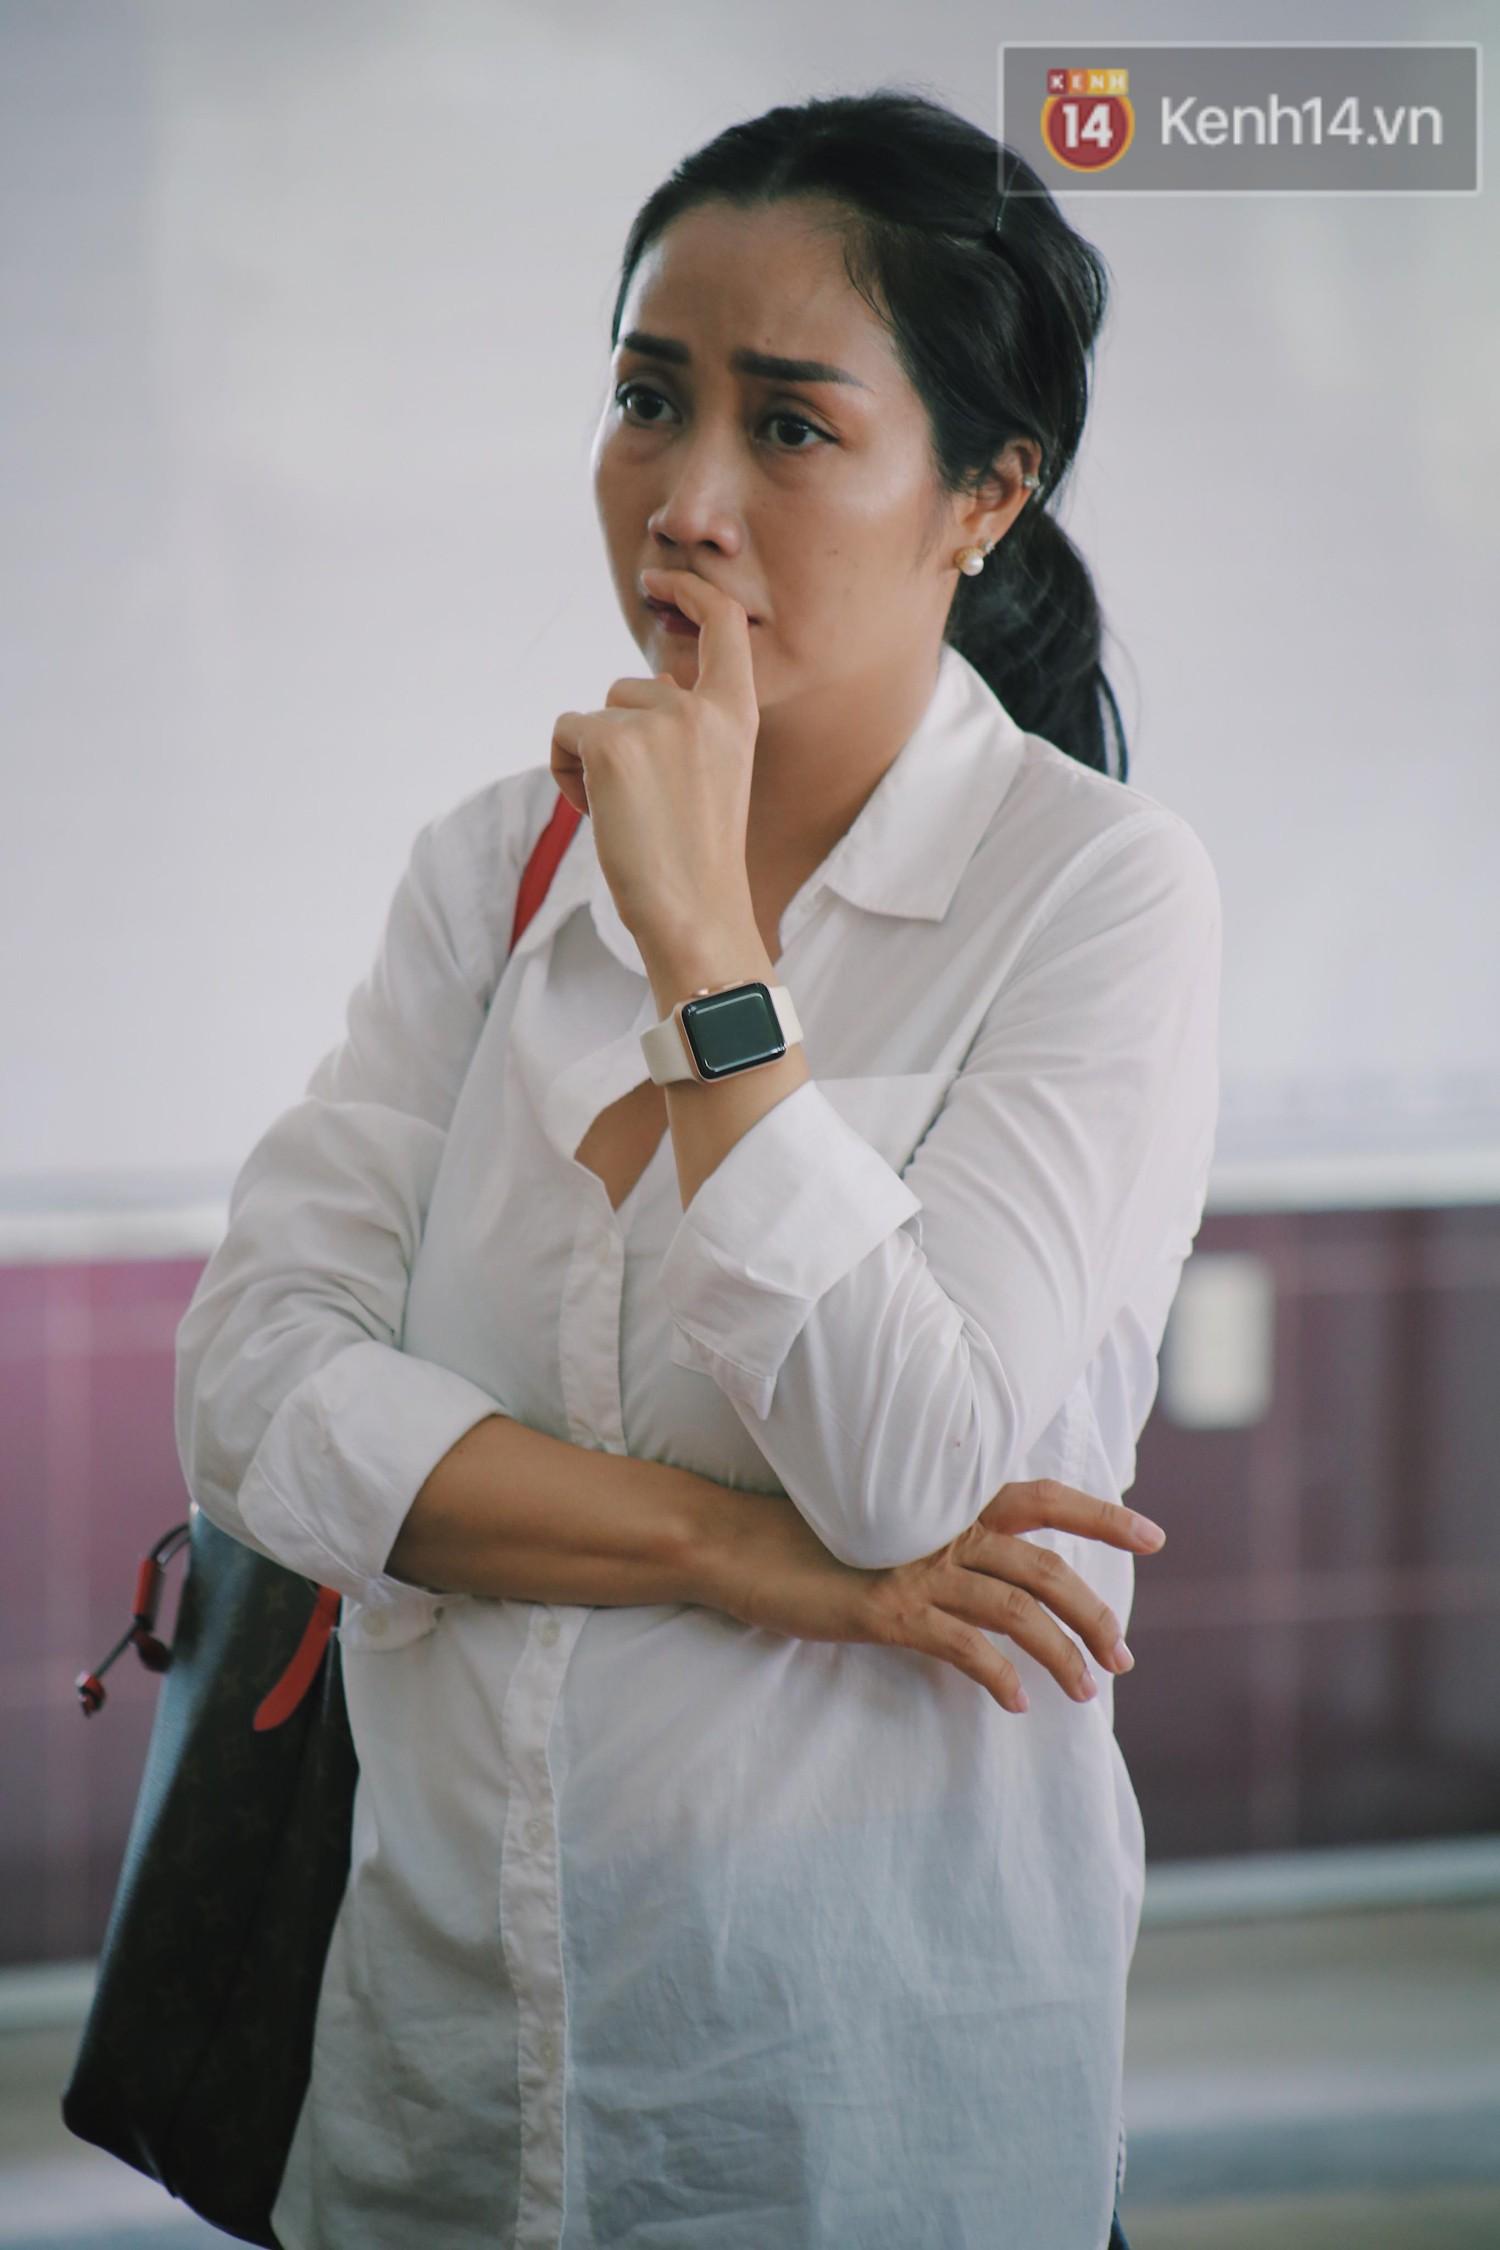 Ốc Thanh Vân: Khi biết tin chú Lê Bình mất, tôi phải trấn an Mai Phương vì em ấy bị bất ổn tinh thần - Ảnh 2.